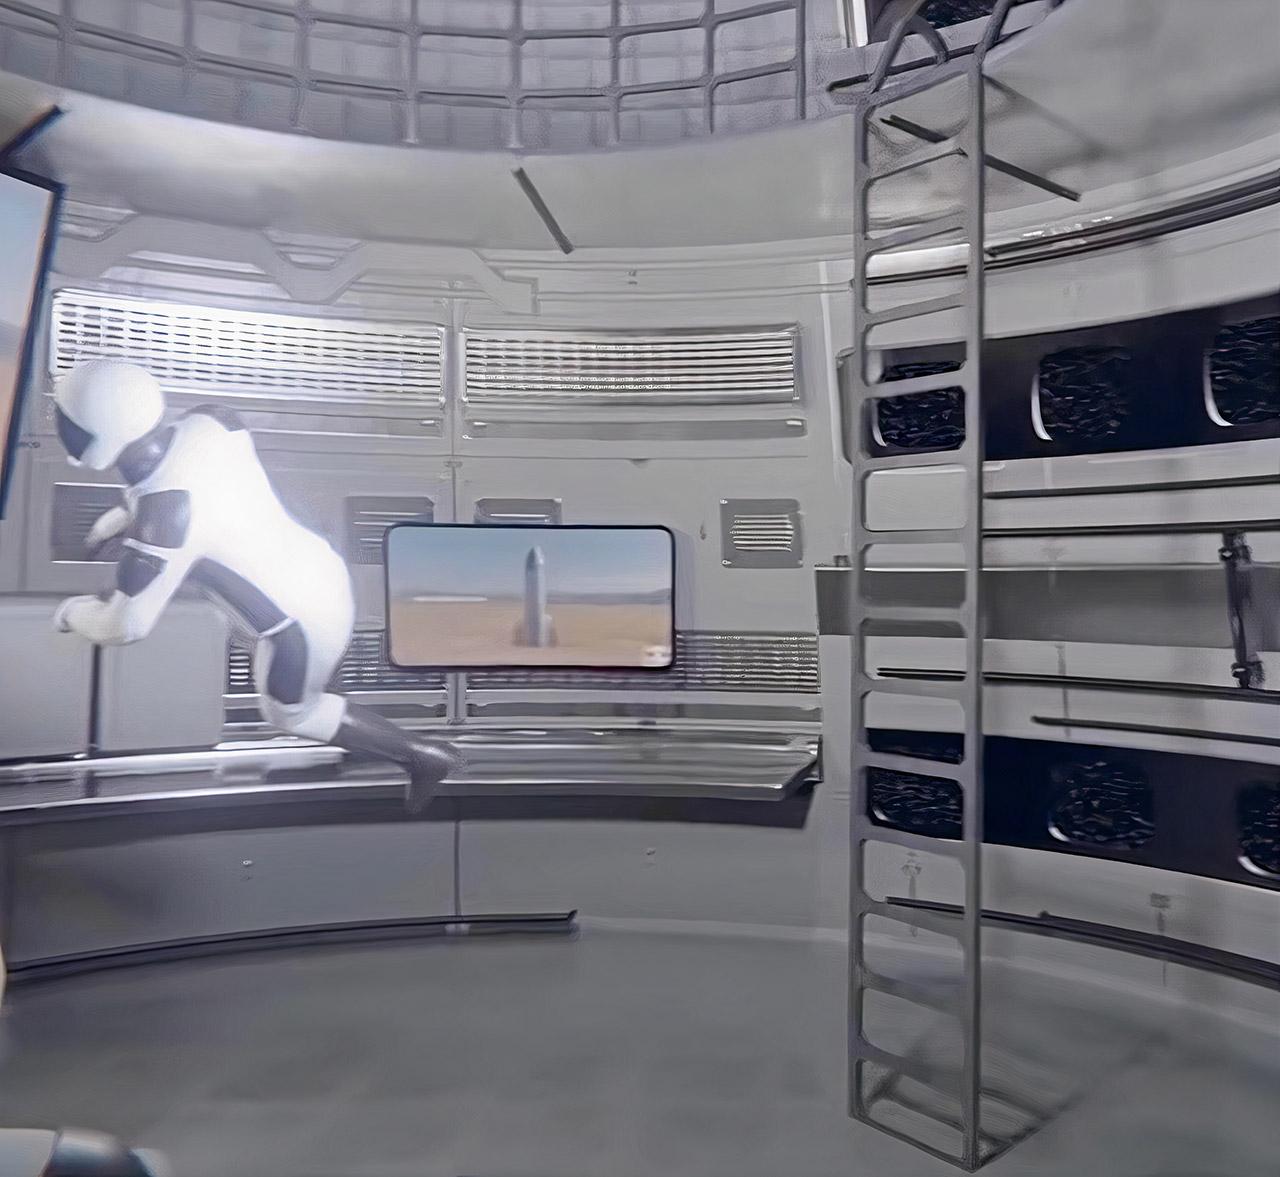 SpaceX Starship Interior